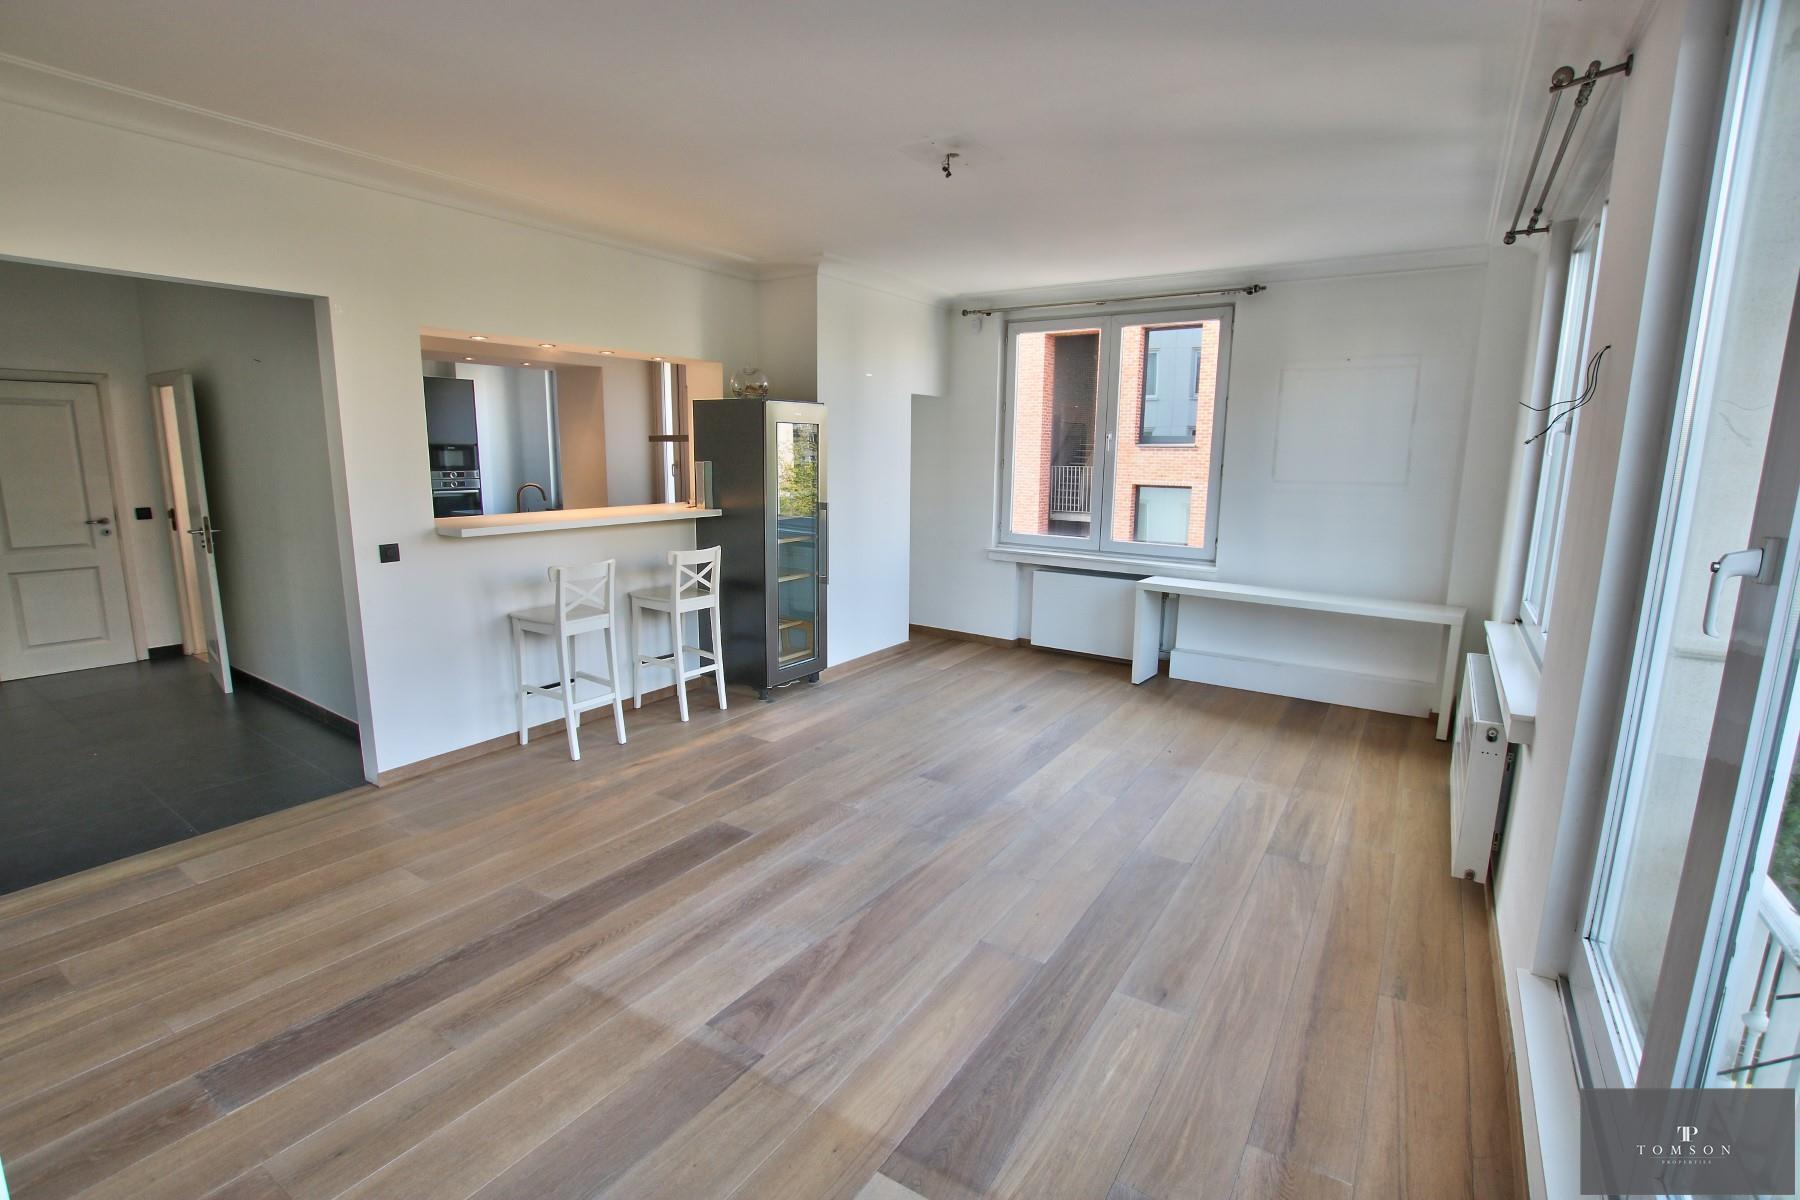 Appartement - Etterbeek - #4304367-2